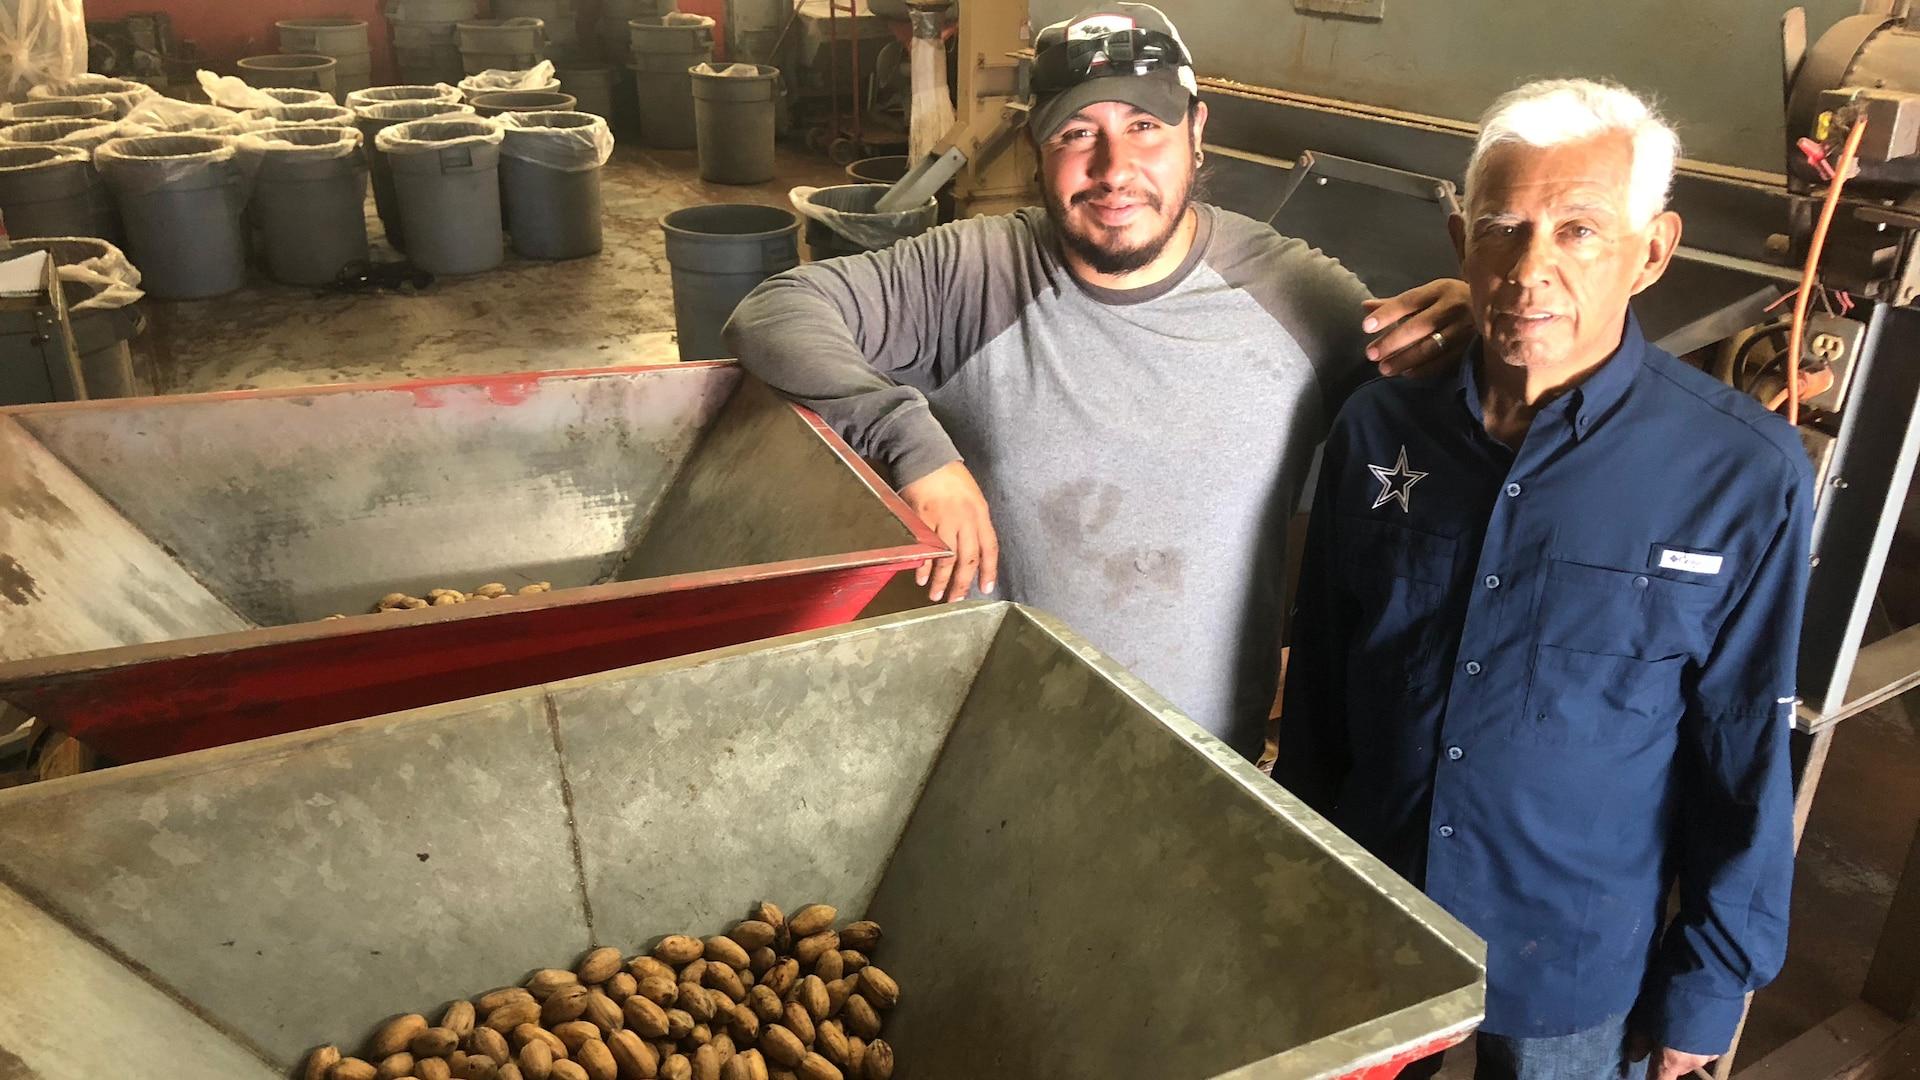 Un jeune homme portant une casquette et son père sourient devant une machine contenant des pacanes.